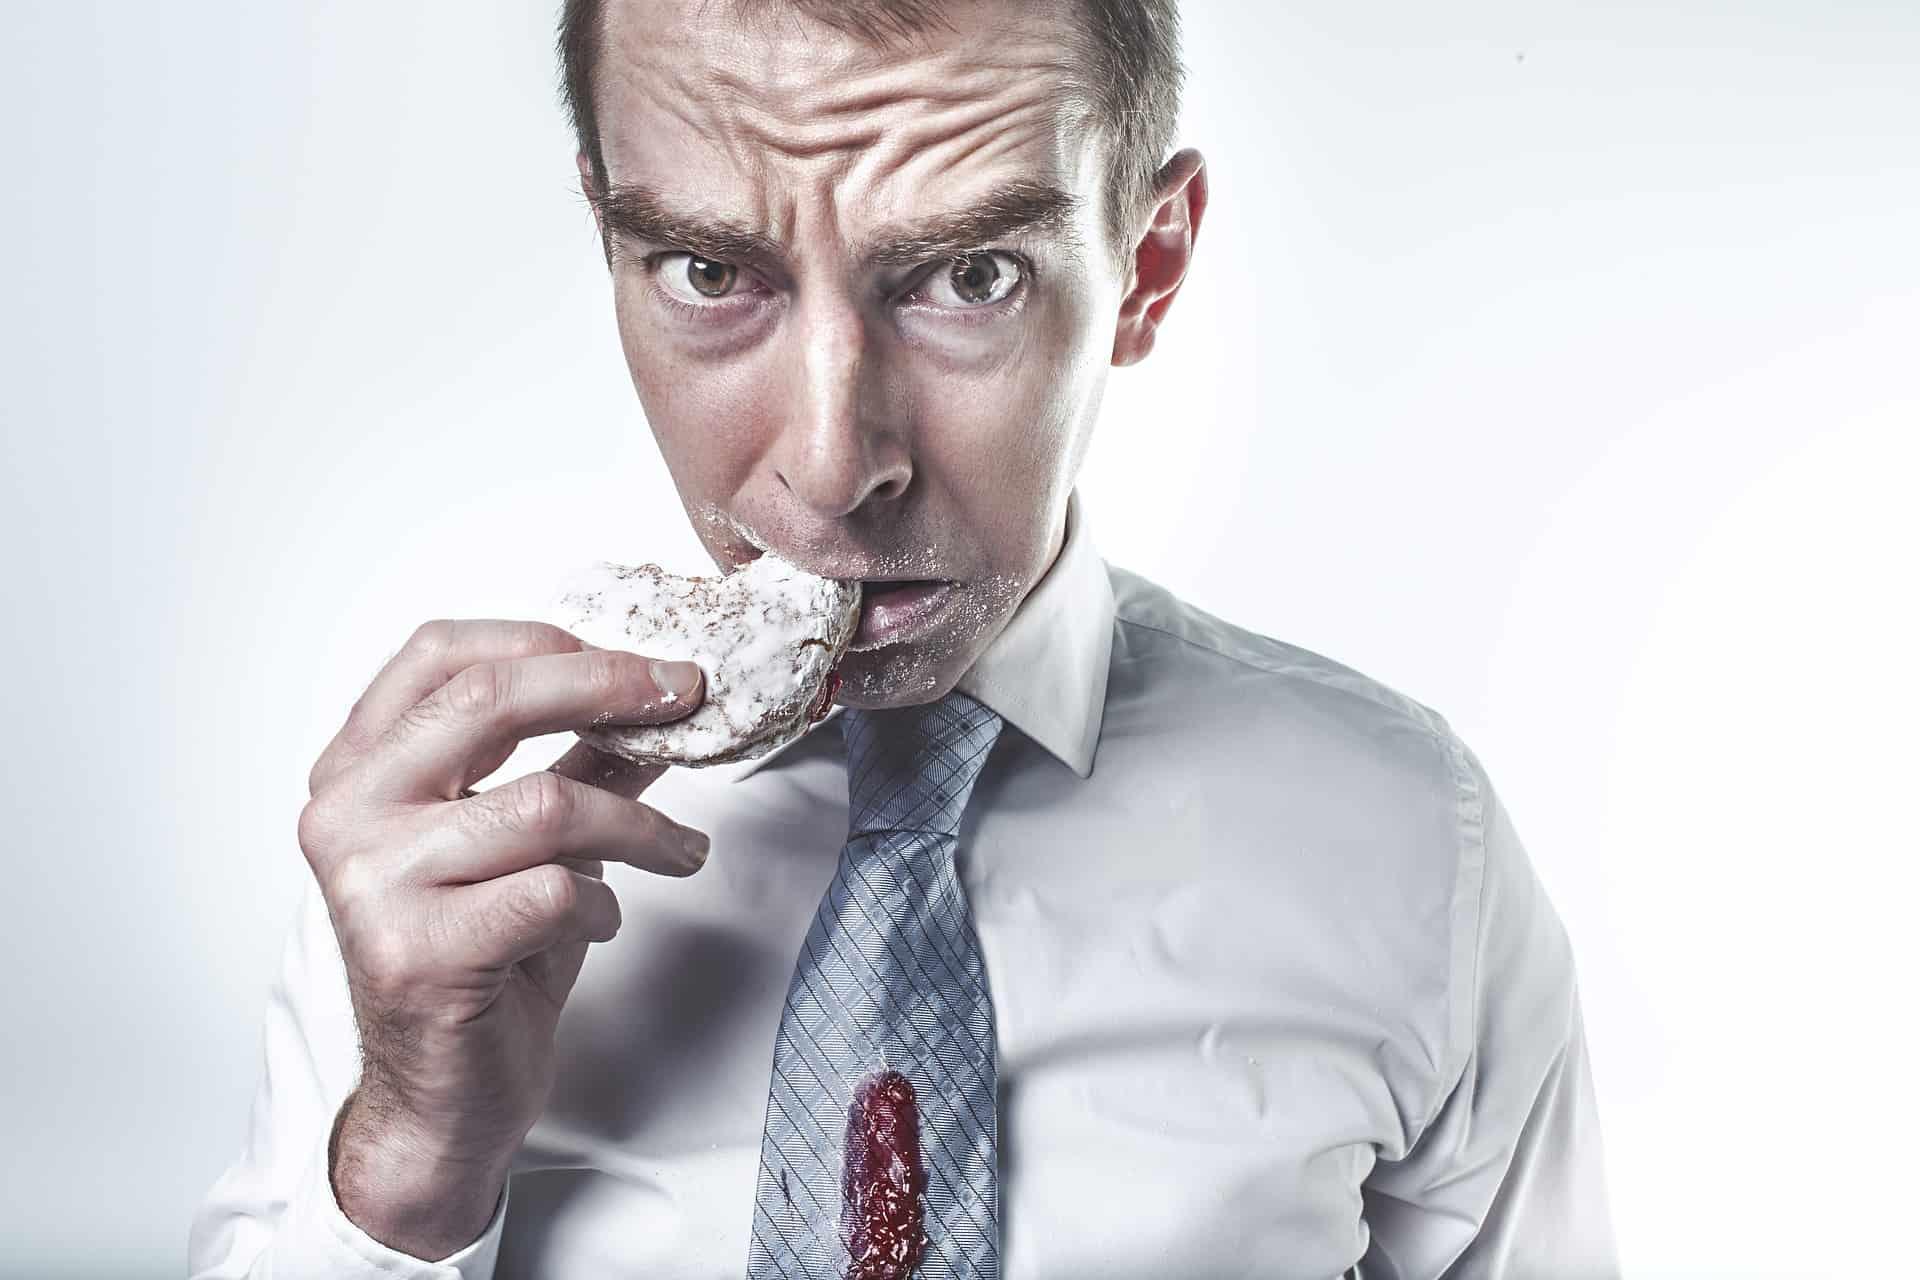 man eating powdered donut